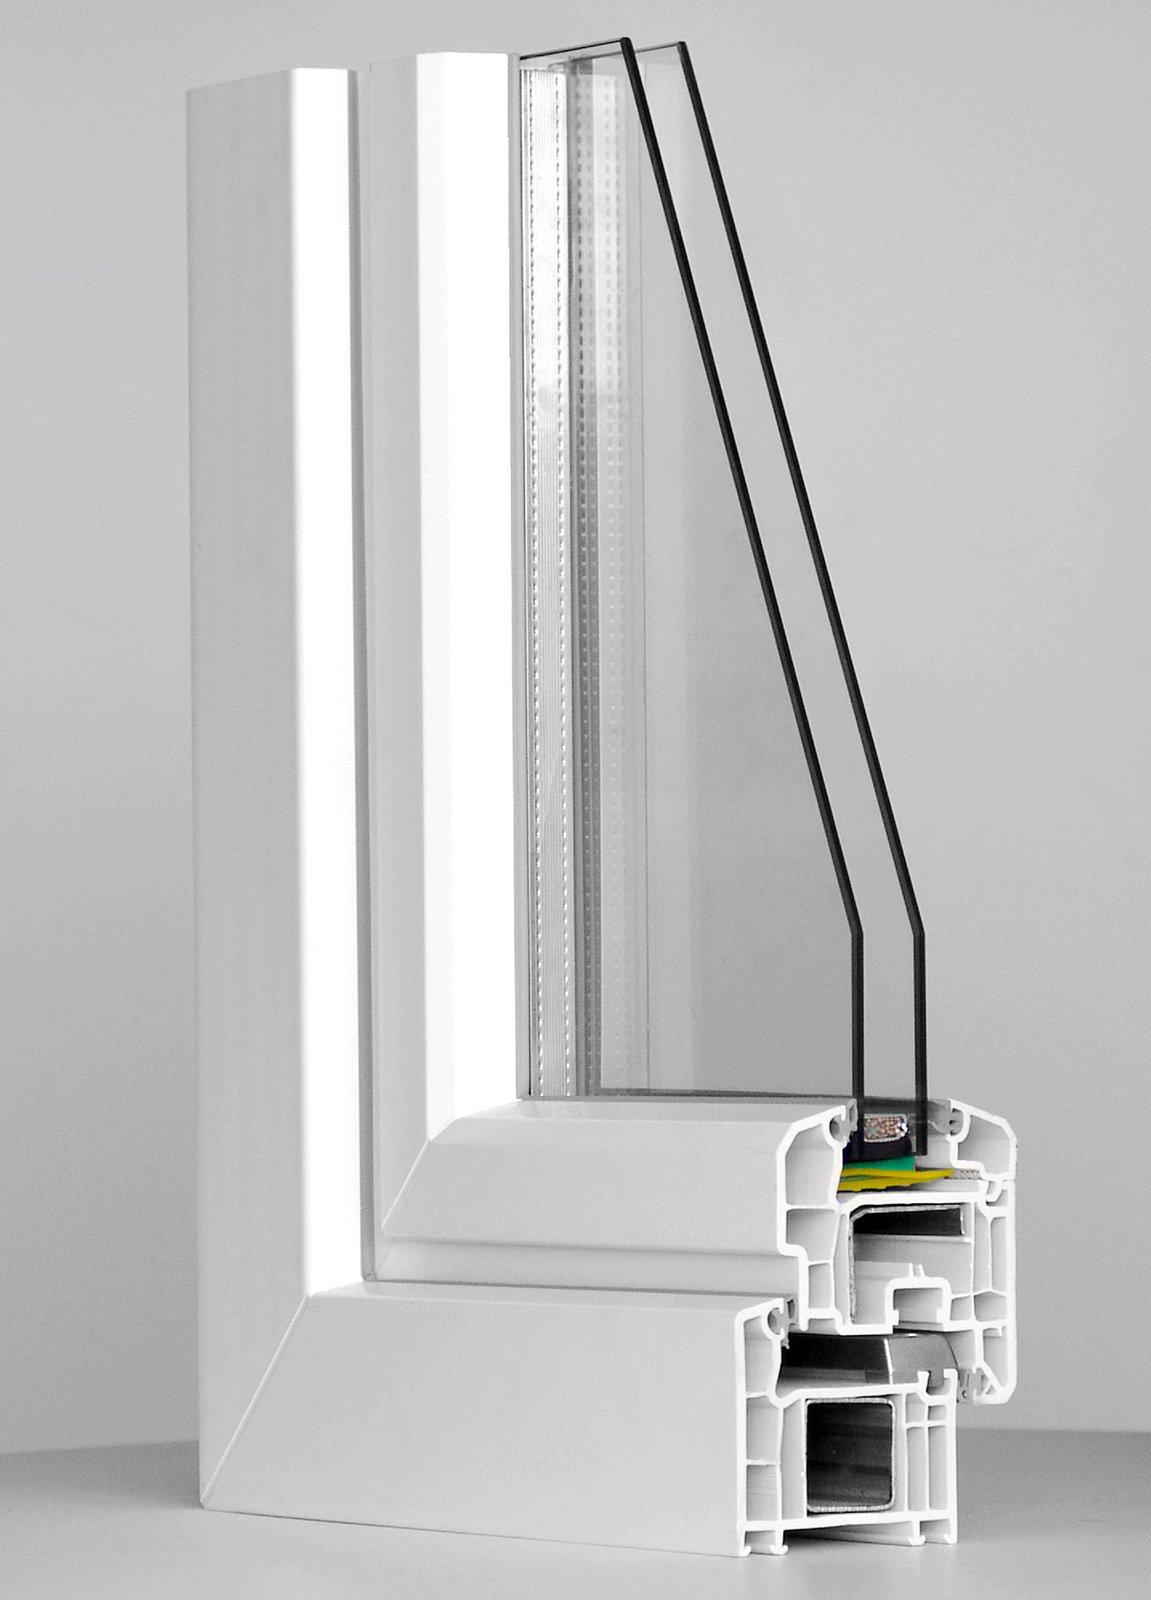 Costo infissi legno alluminio cheap free latest costo - Costo finestre taglio termico ...